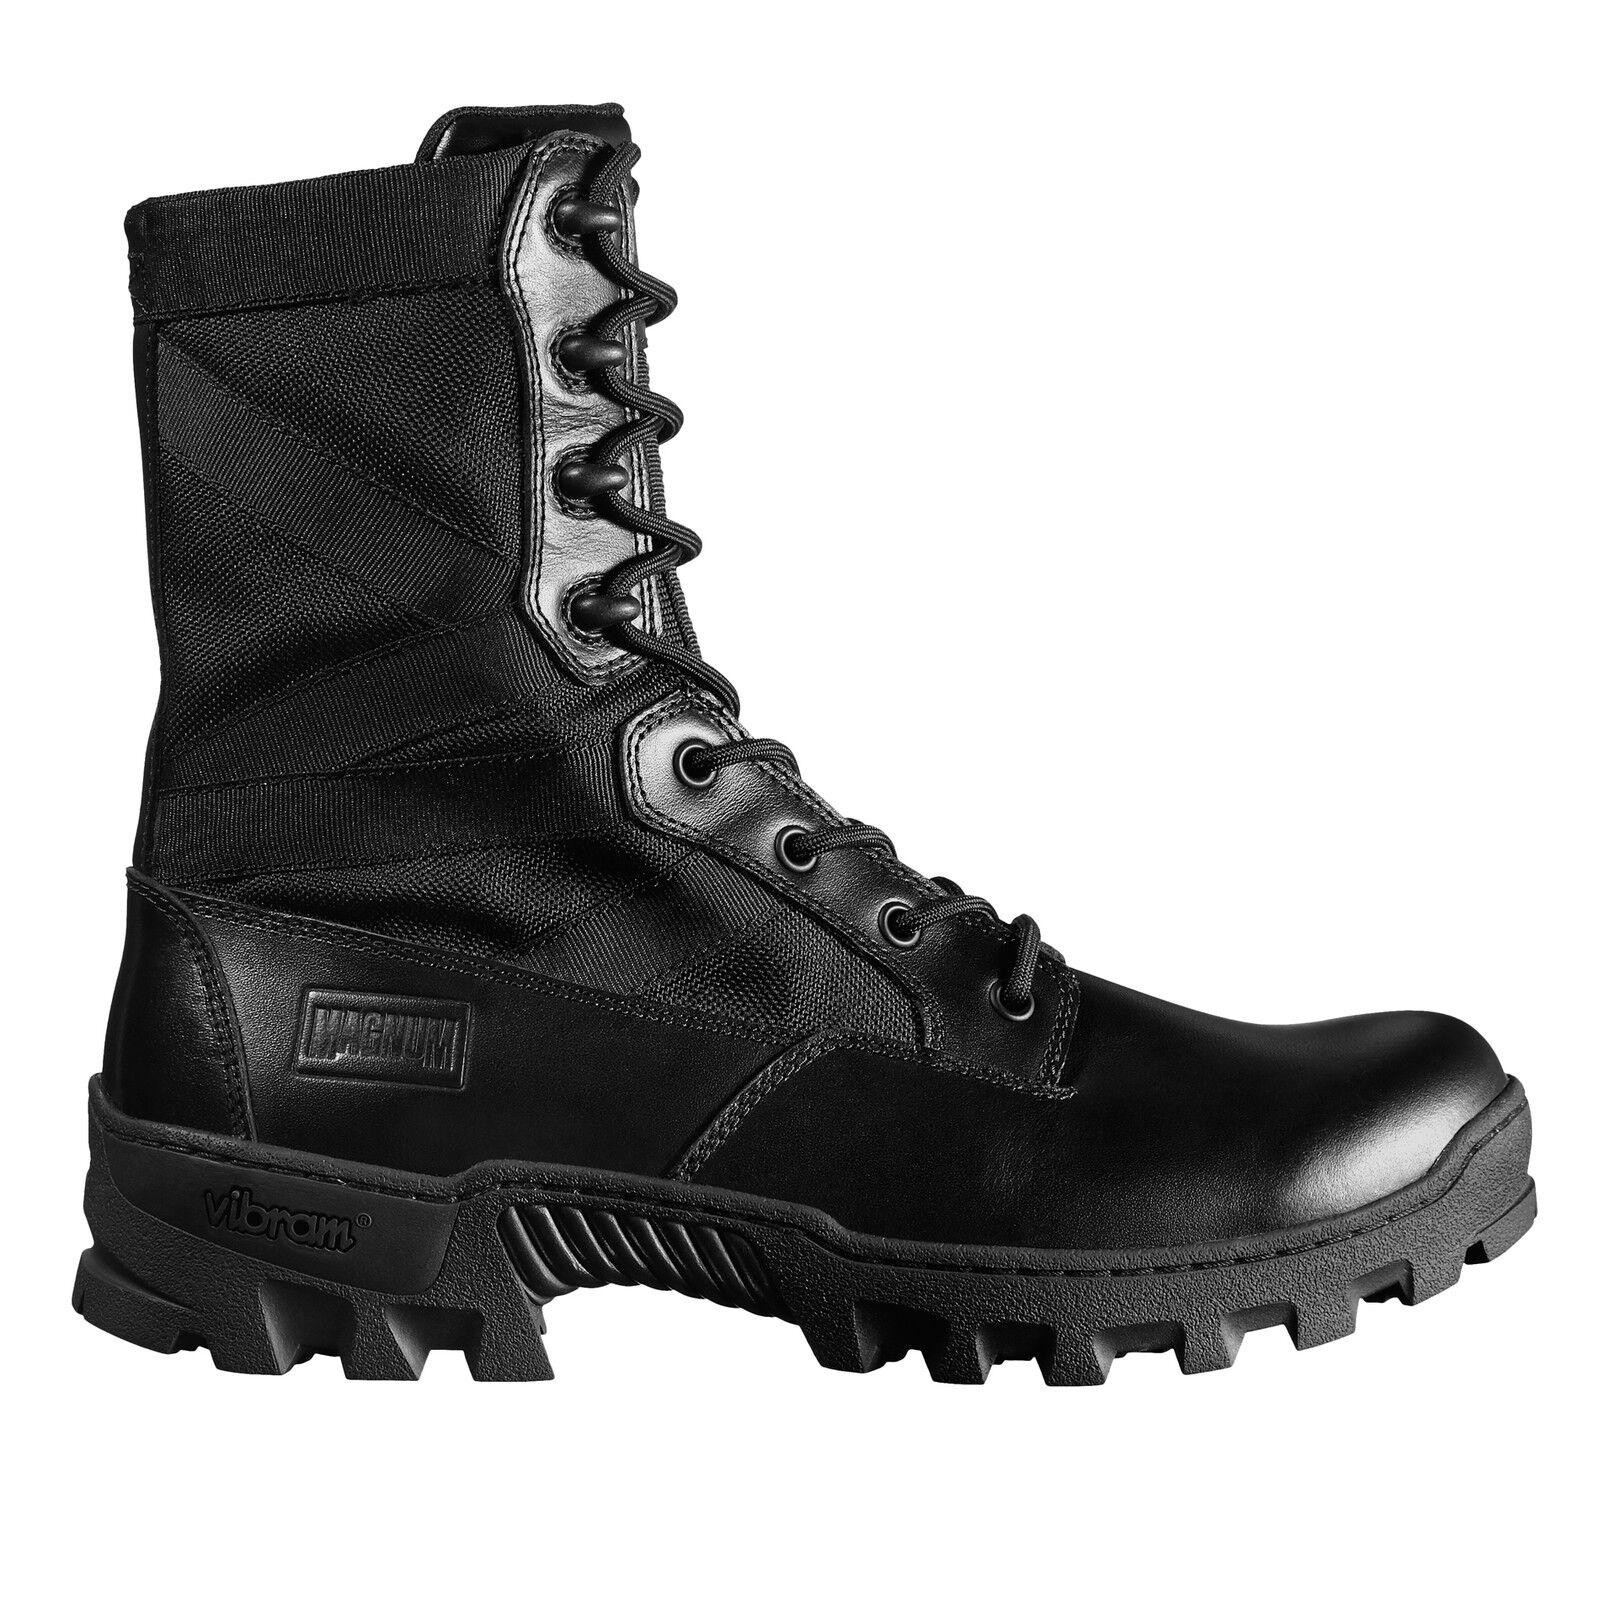 HI-TEC - Magnum Spartan XTB schwarz Dschungel Djungle Stiefel Stiefel Einsatz Schwar